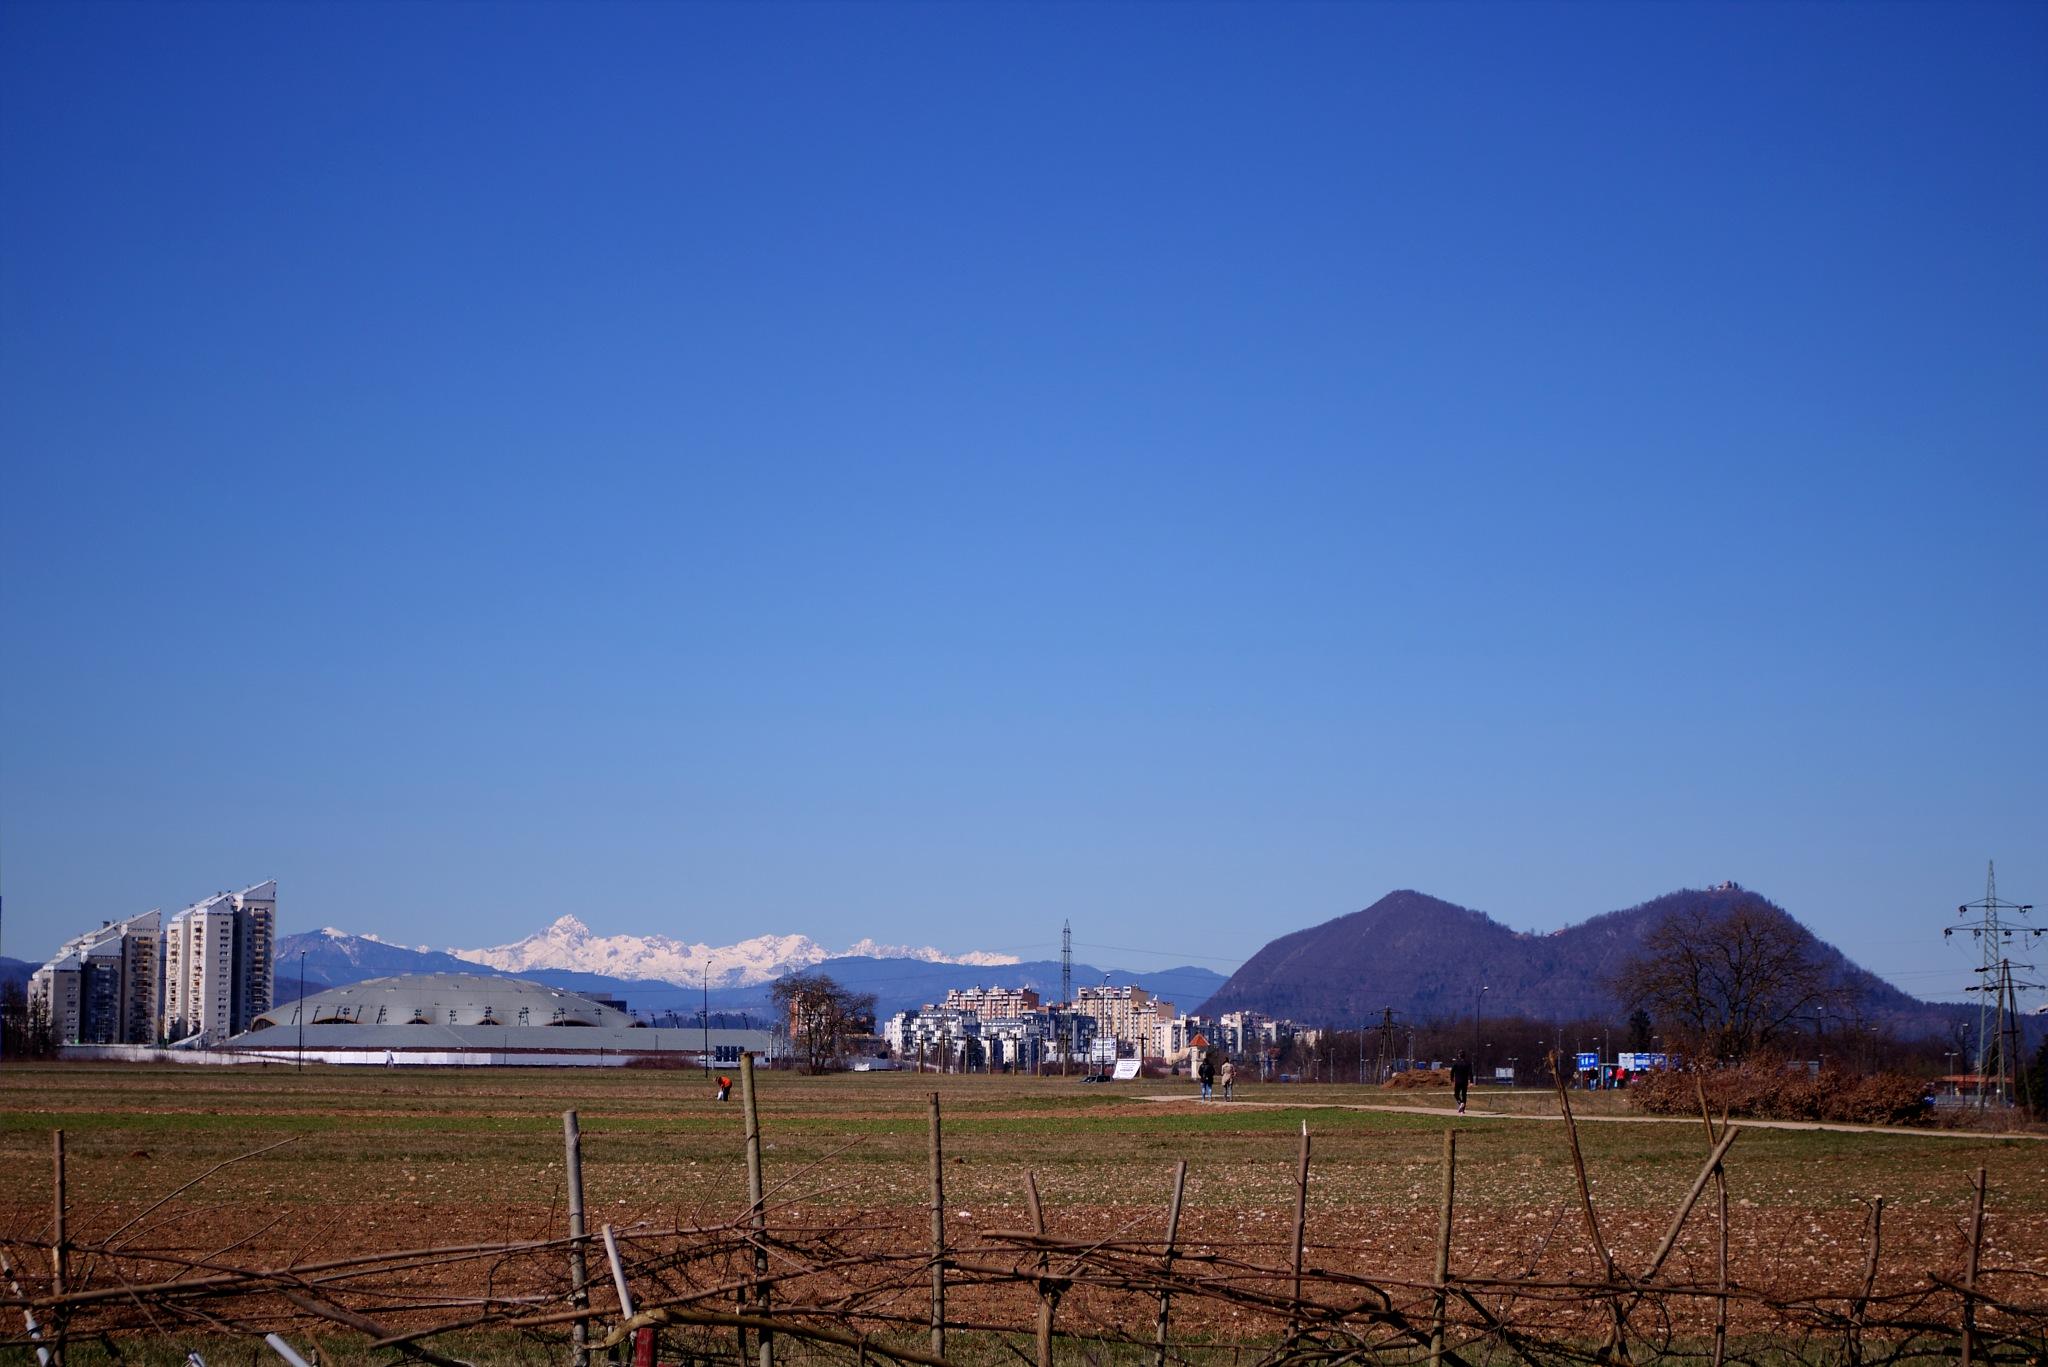 landscape IV by zvnktomasevic